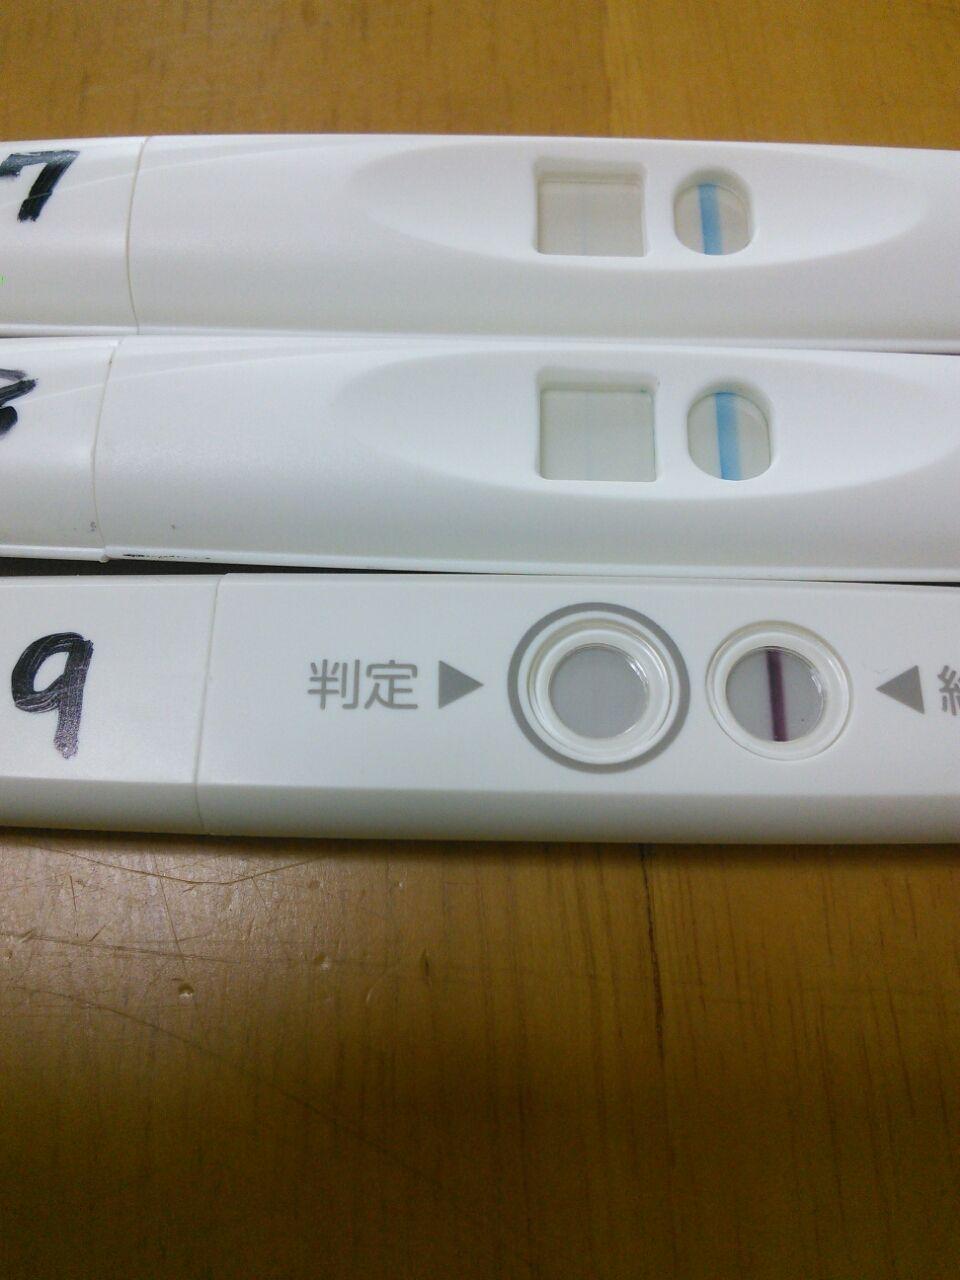 5日目 フライング 胚盤胞移植 胚盤胞移植のフライング検査はいつから?判定日前にわかるの?